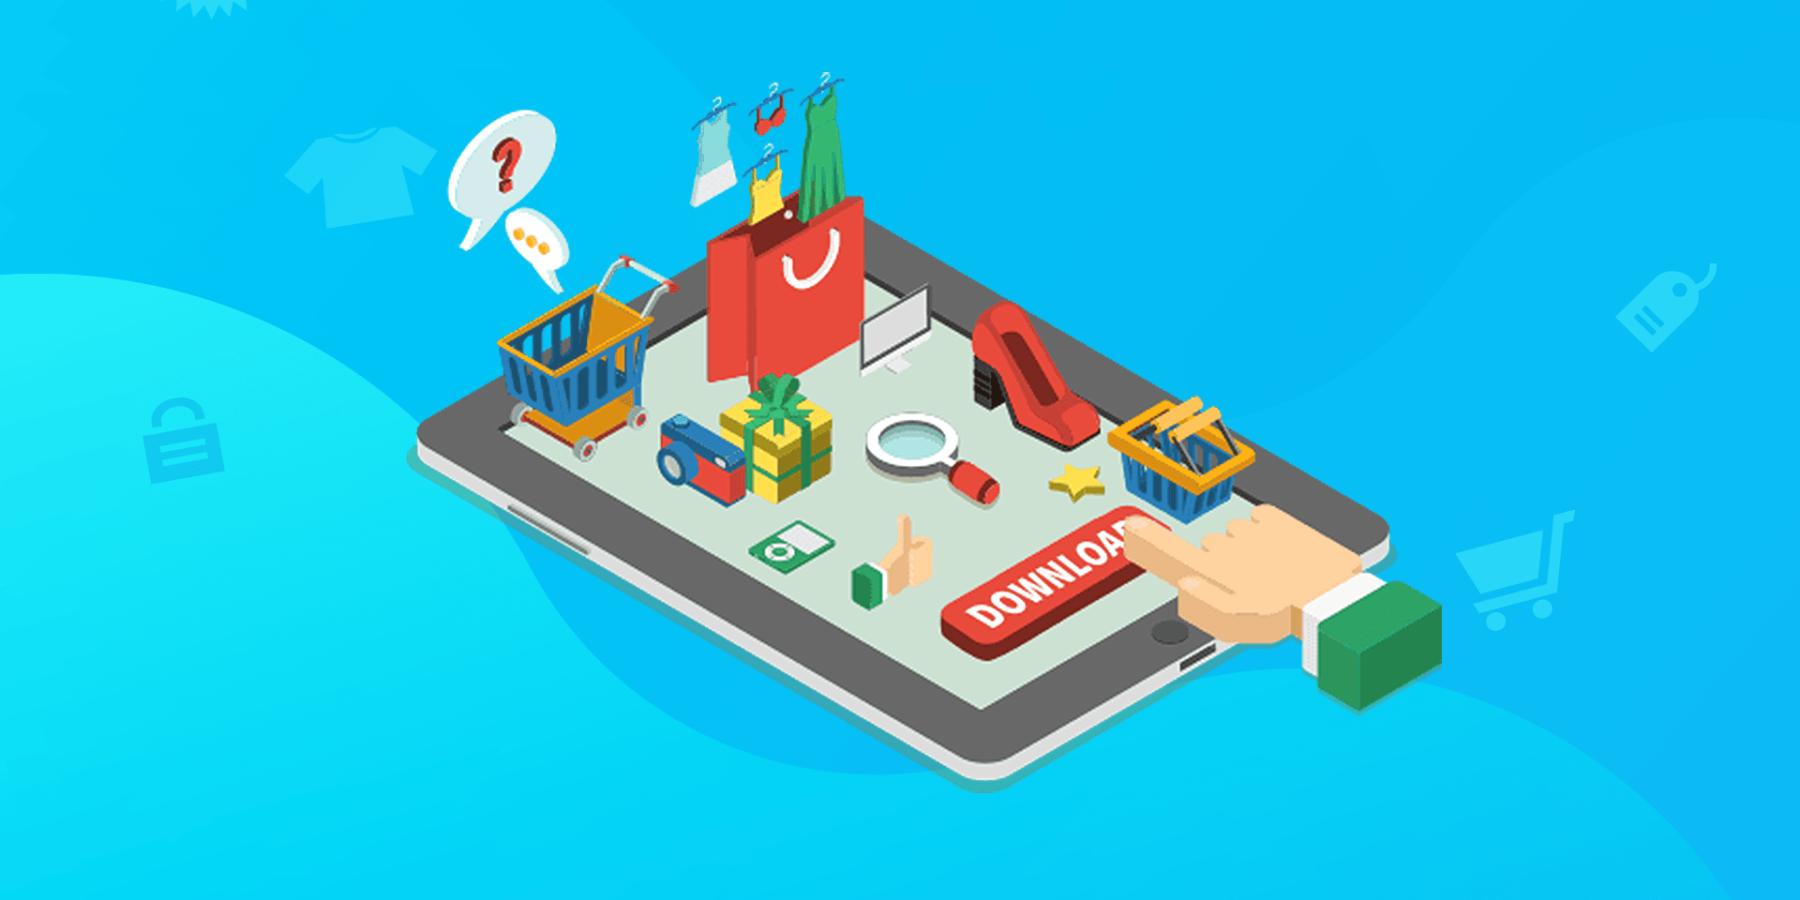 Jak wybrać platformę doprowadzenia sklepu internetowego?